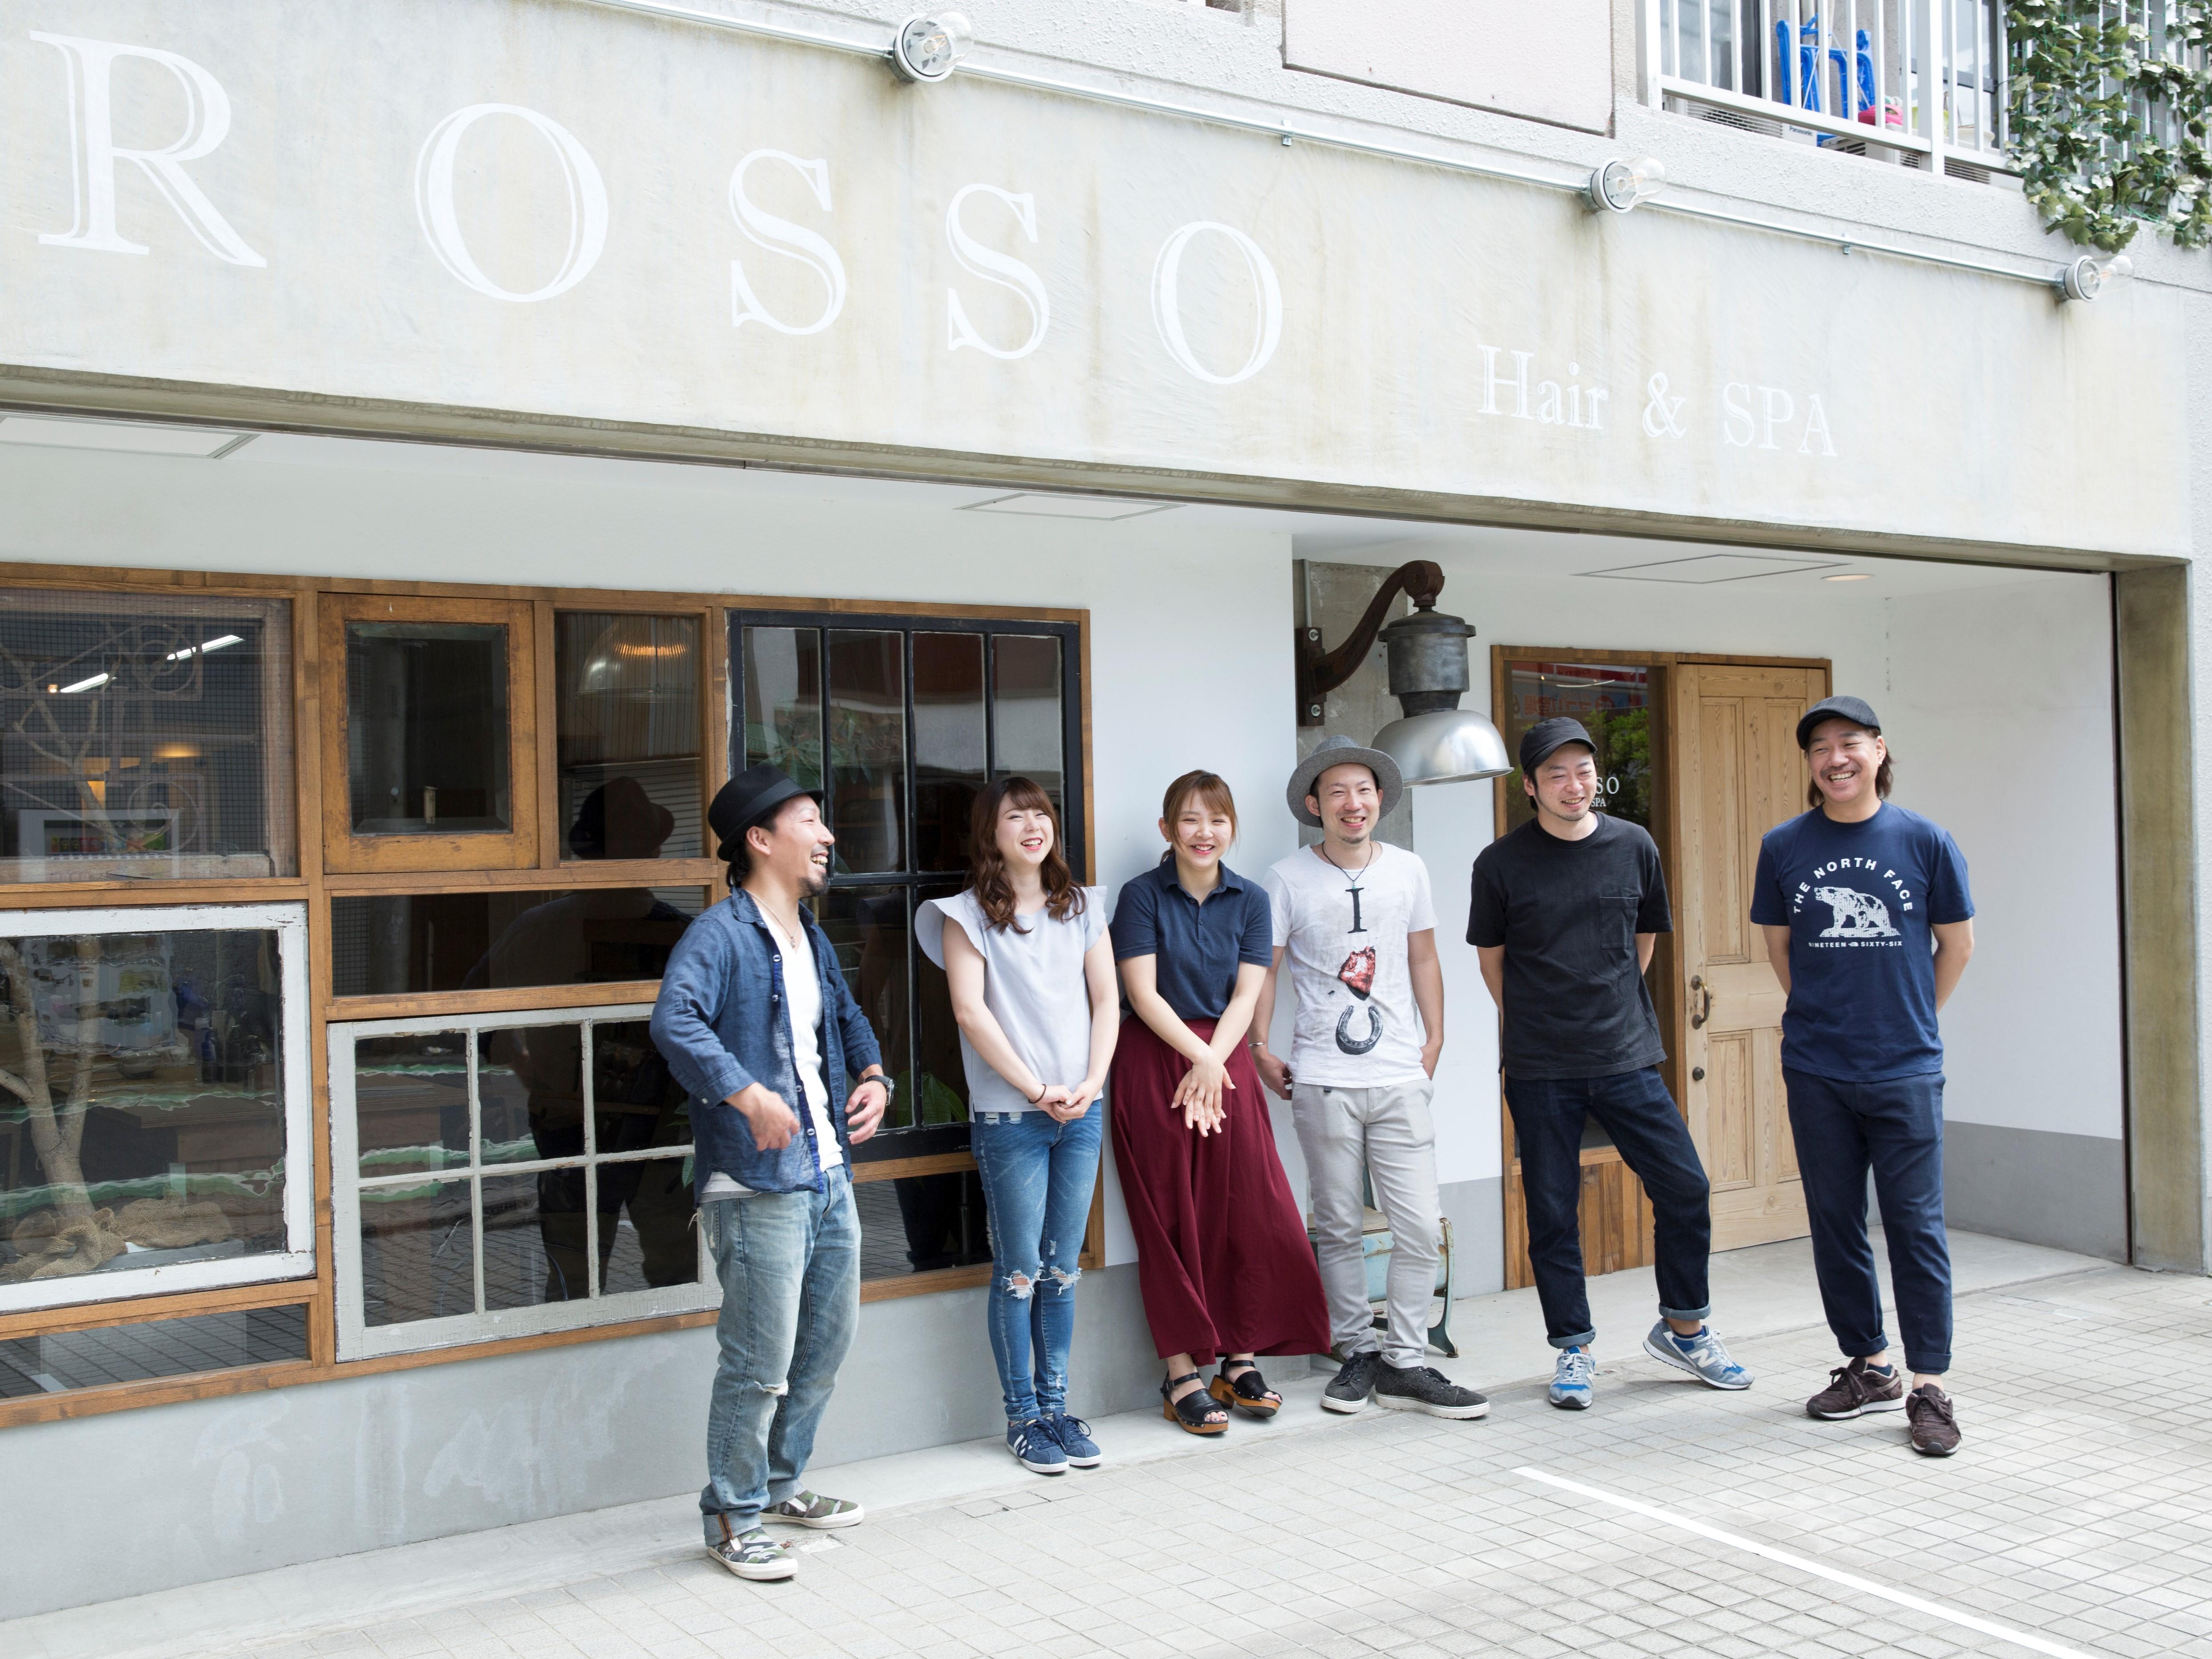 Rosso株式会社(採用情報)